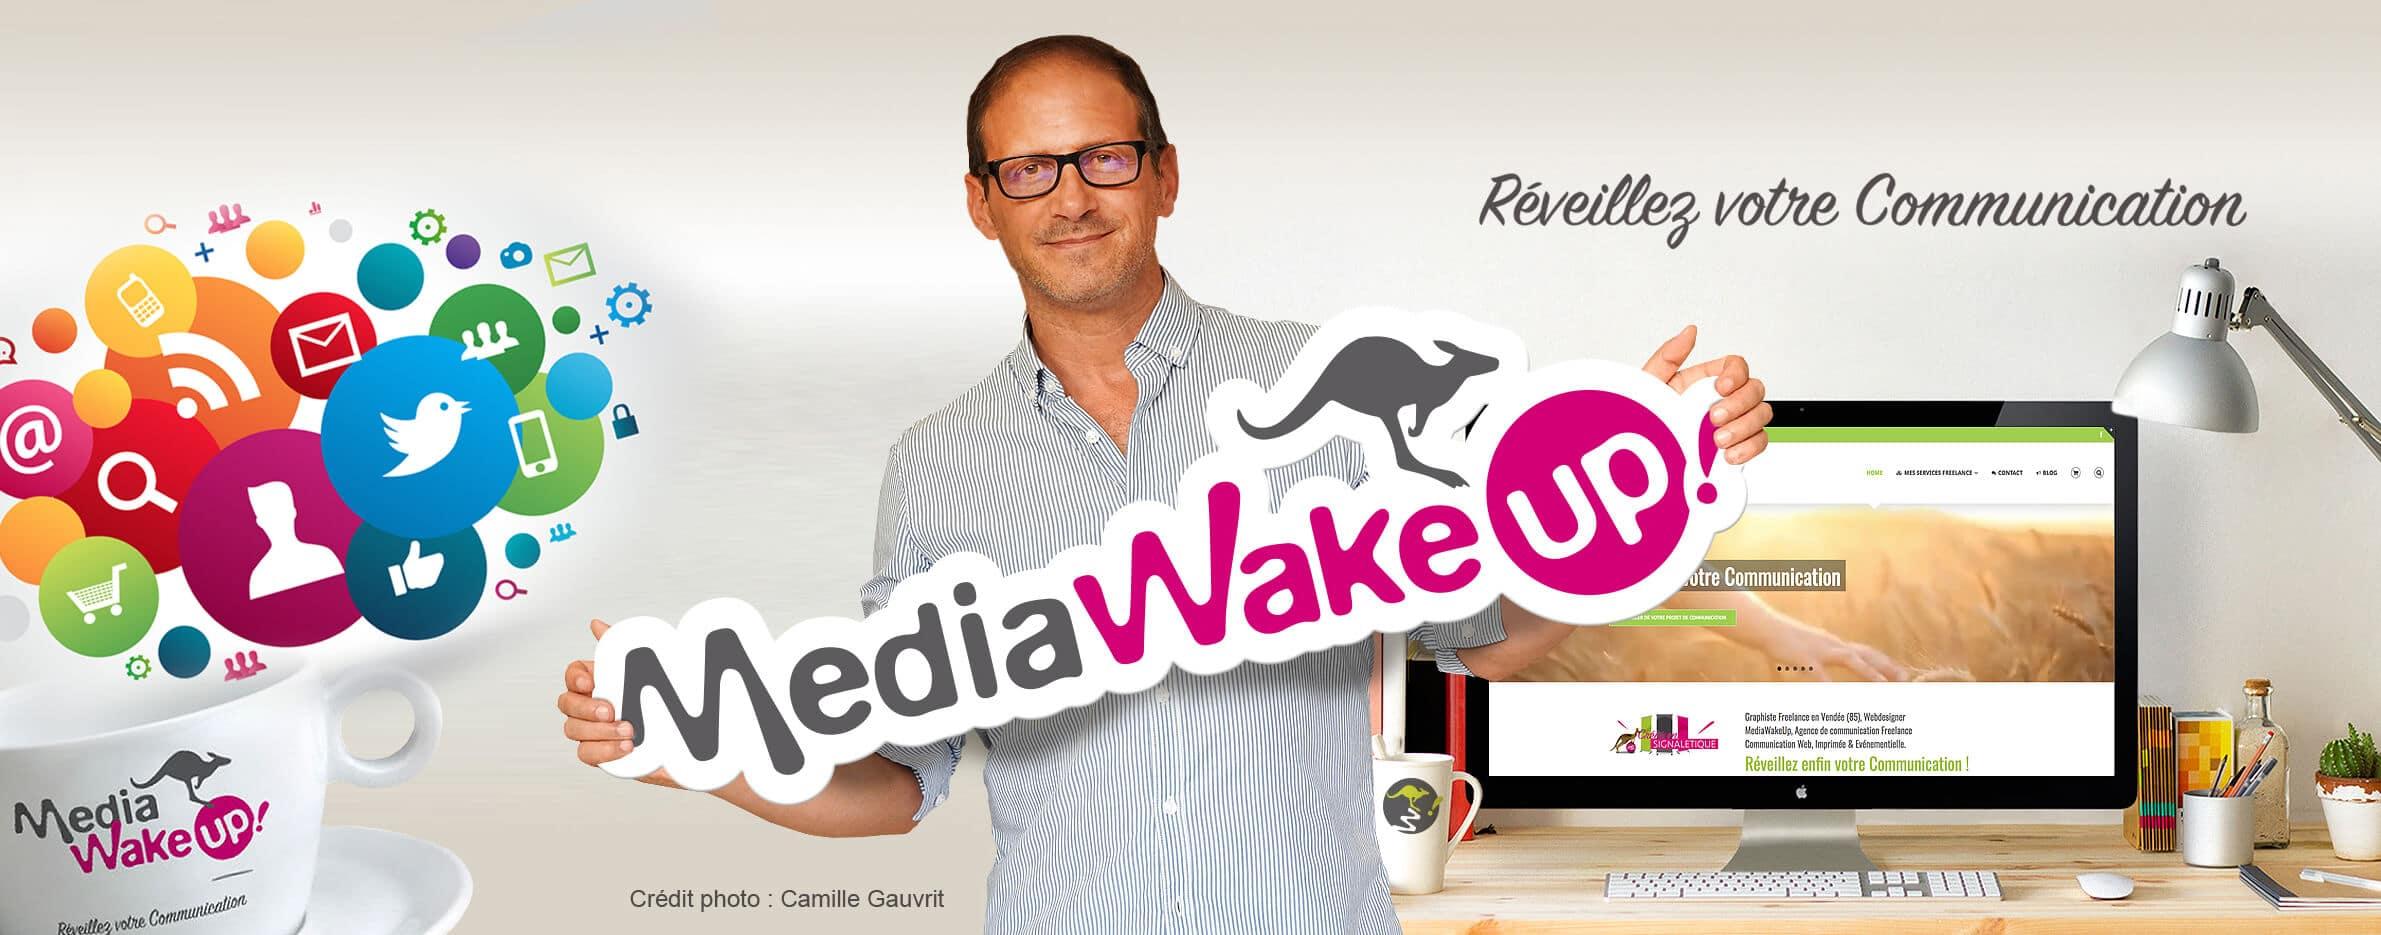 Dominique GAUVRIT Graphiste webmaster freelance Vendée MediaWakeUp